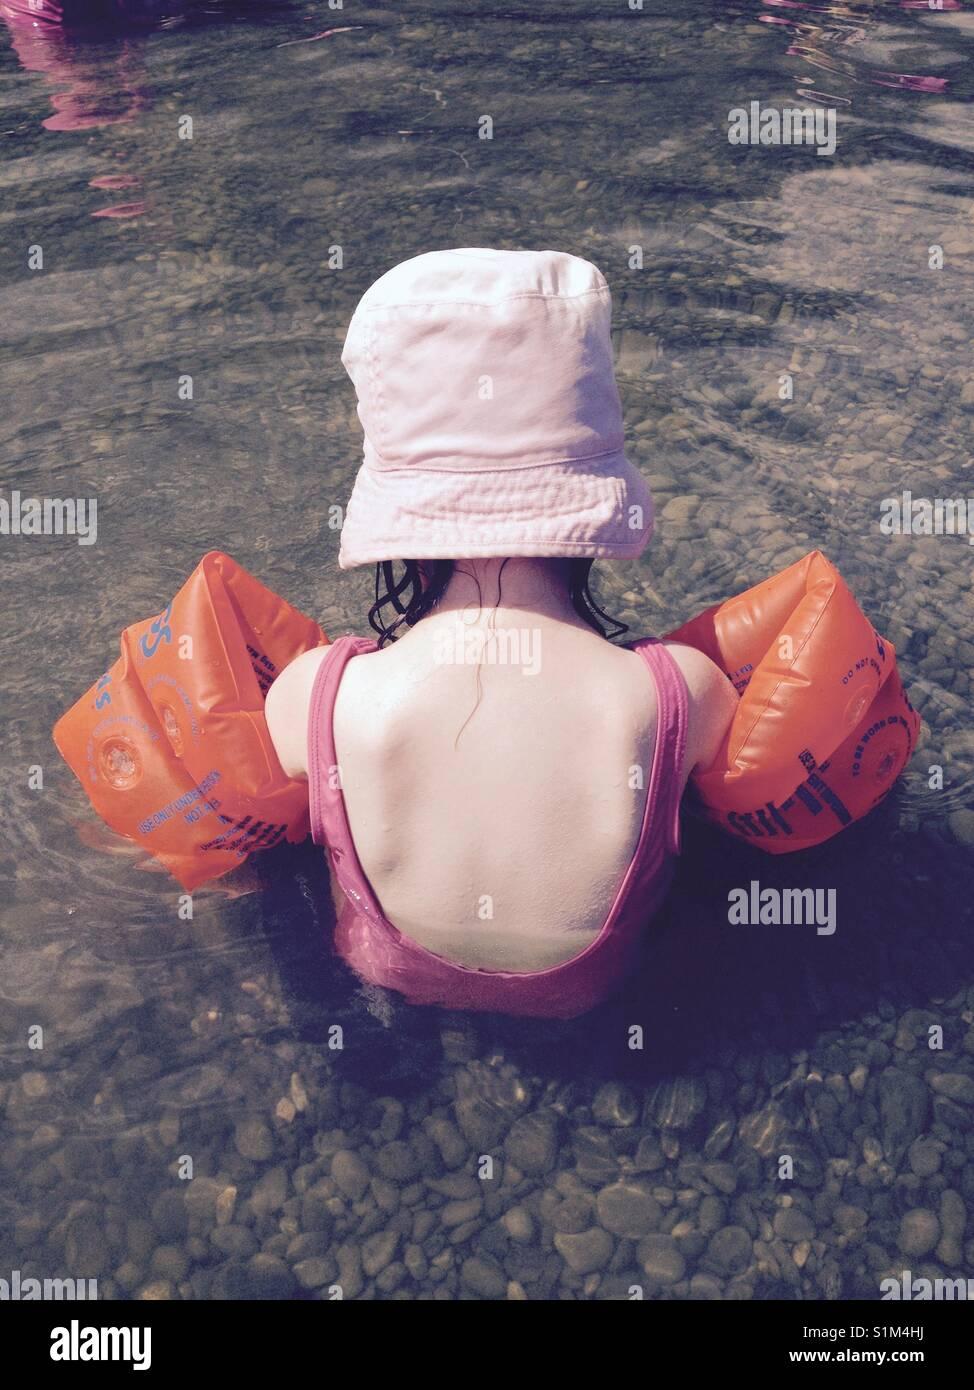 Giovane ragazza / toddler va nuoto con cappello per il sole e fasce da braccio Immagini Stock